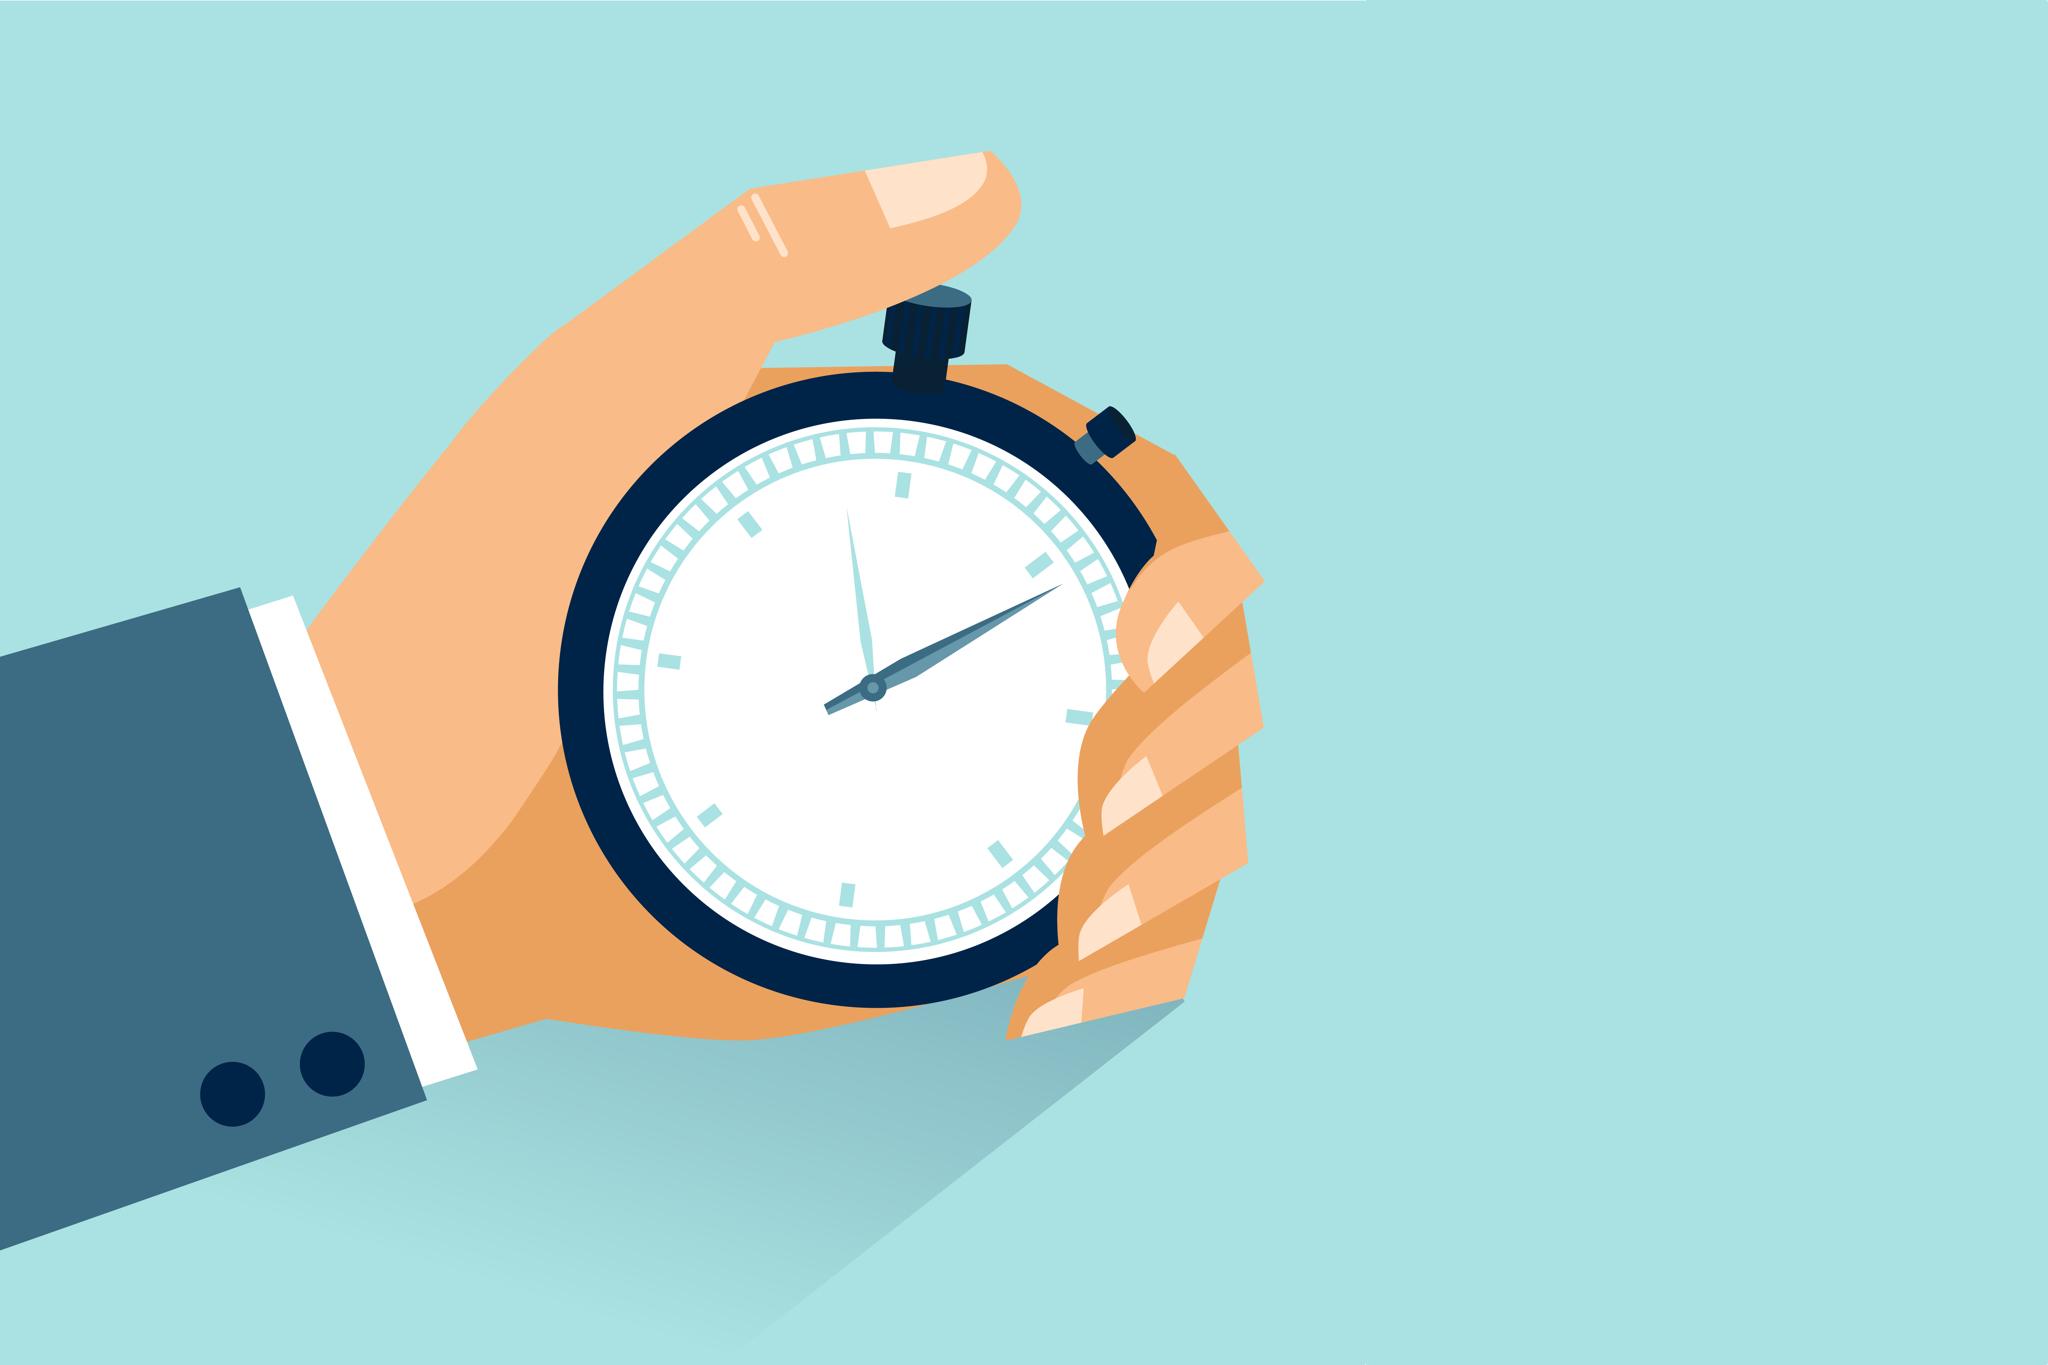 Длительность загрузки страниц непосредственно влияет на продажи онлайн-магазина